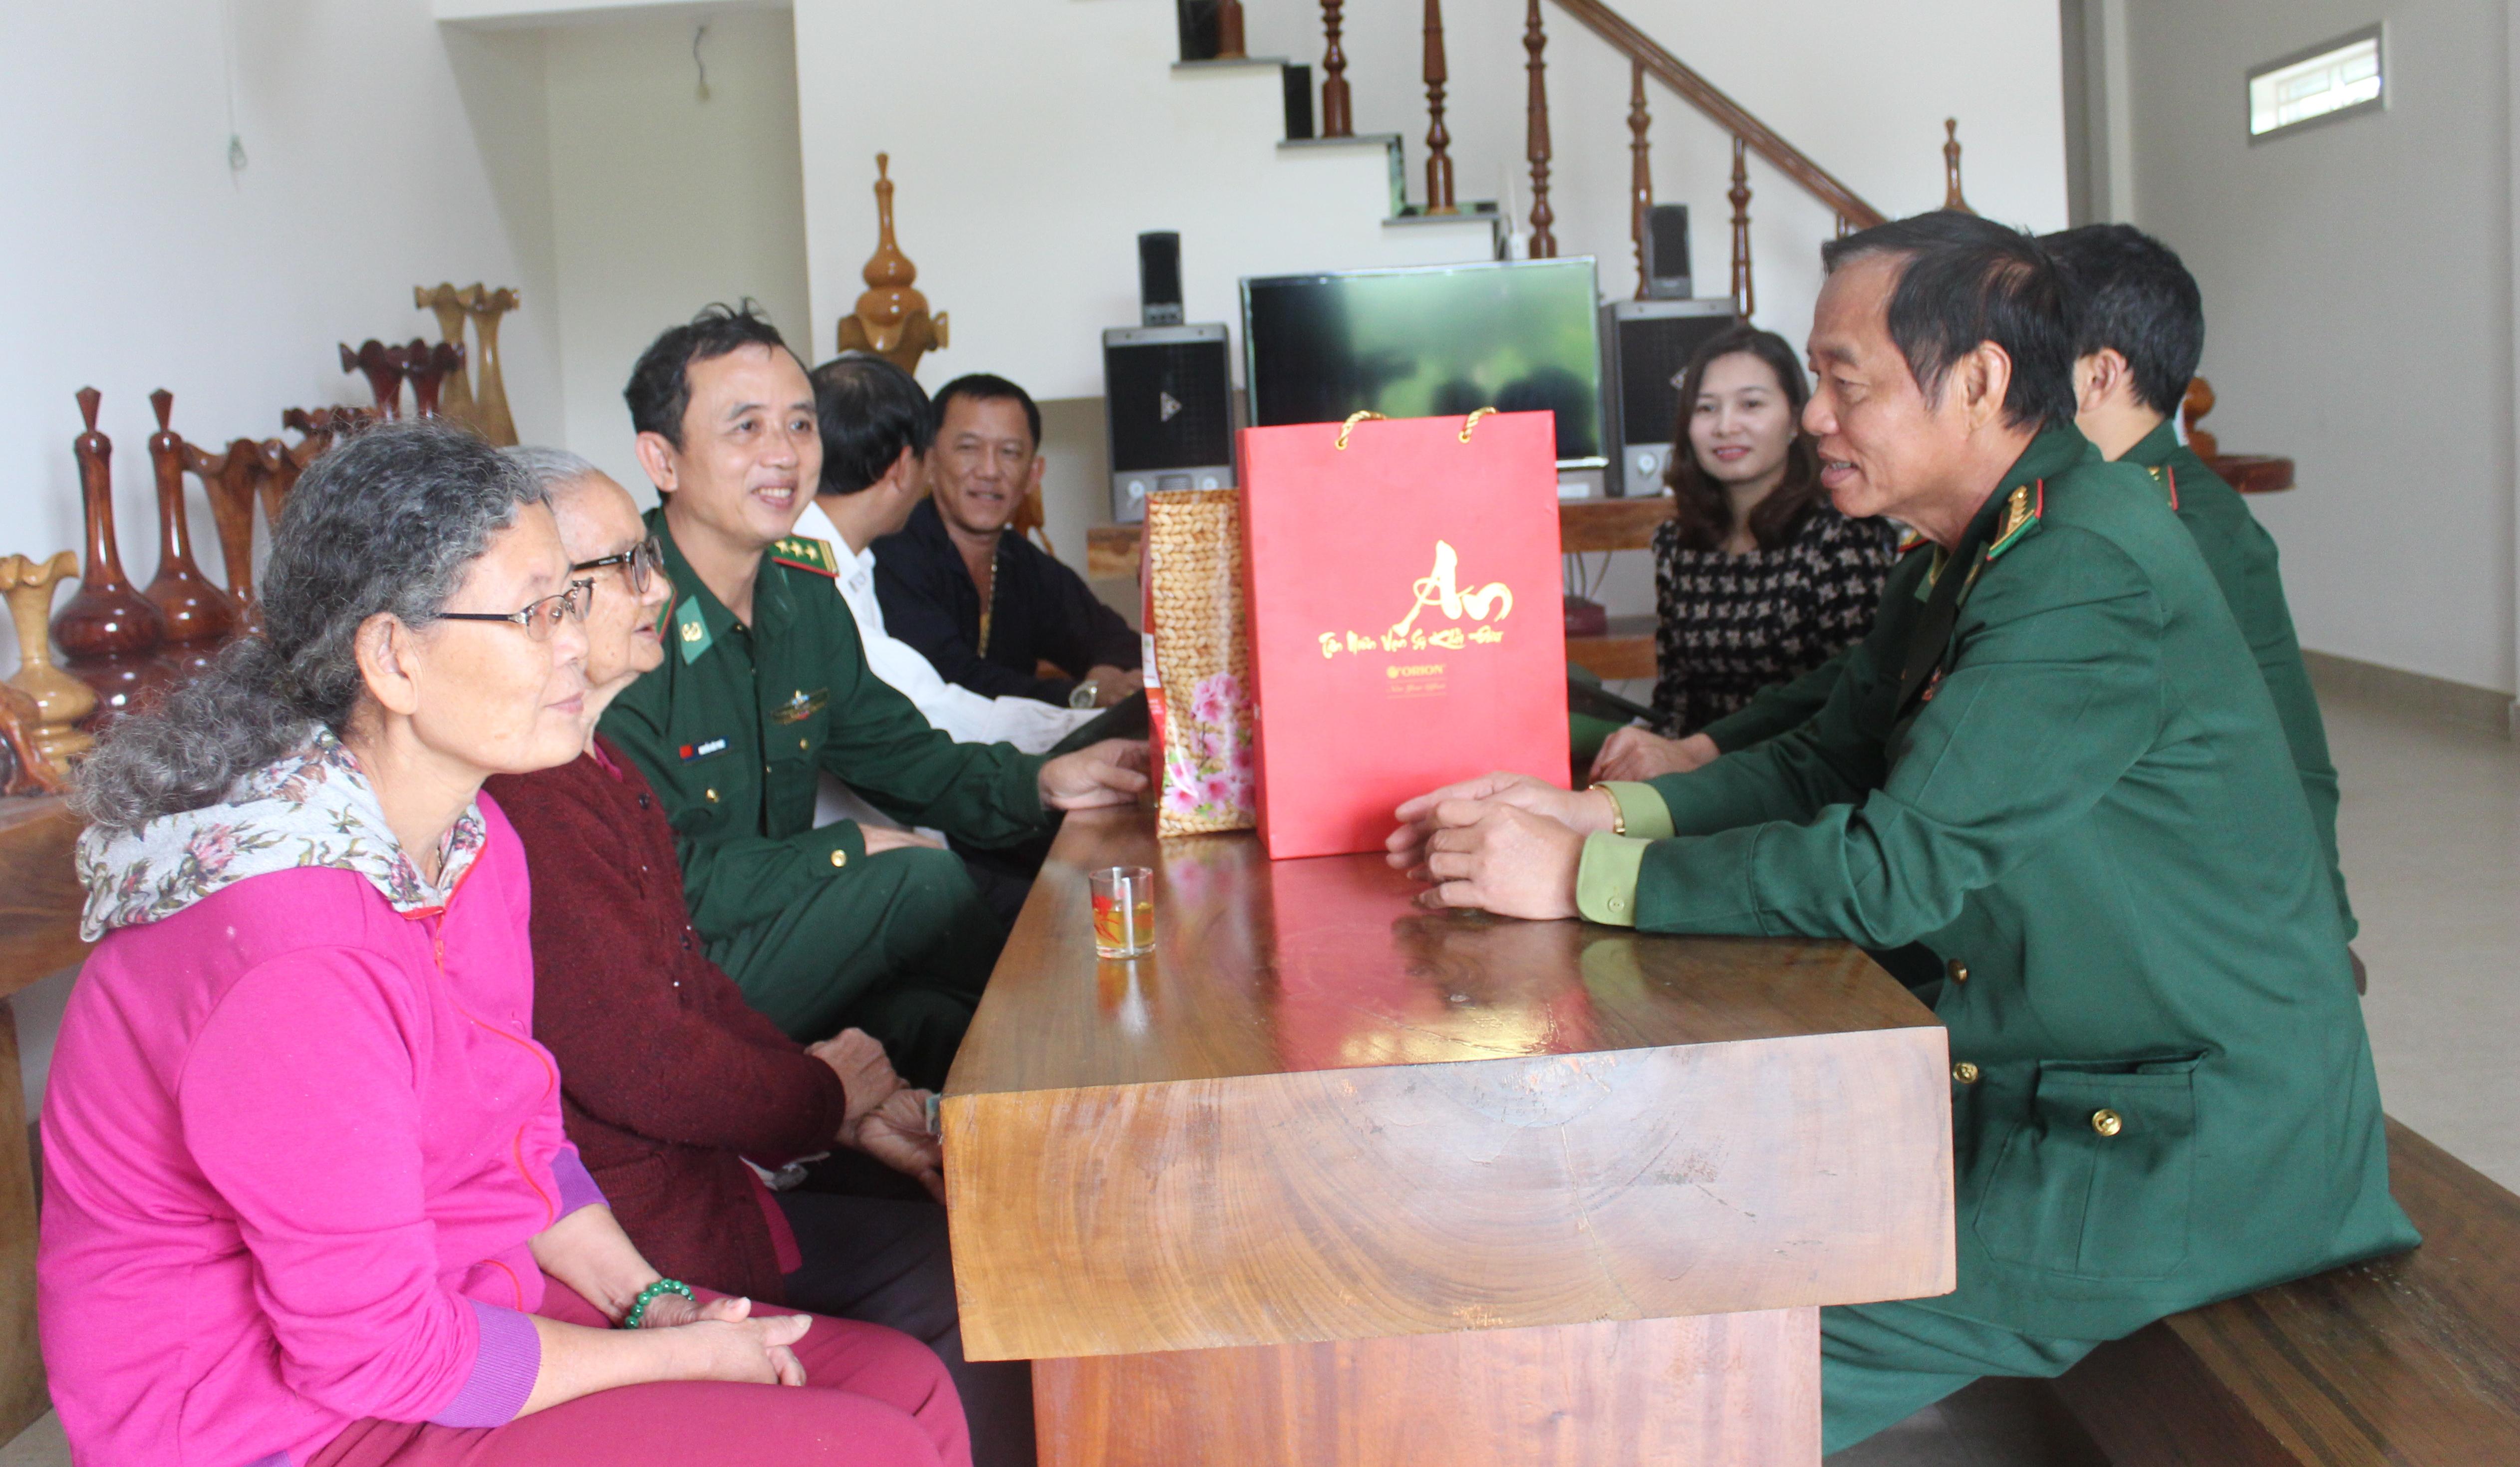 Bộ Chỉ huy Bộ đội Biên phòng tỉnh Đắk Lắk thăm và tặng quà Mẹ Việt Nam Anh hùng